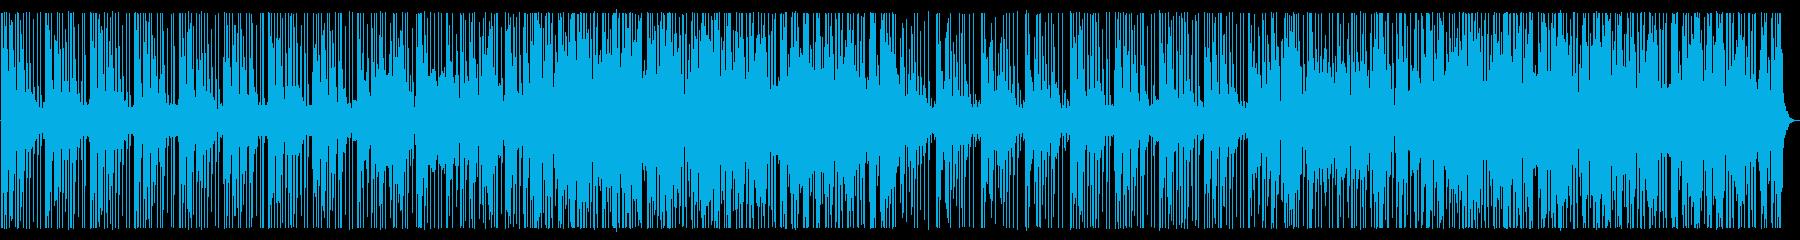 シティポップトラック_No623_1の再生済みの波形